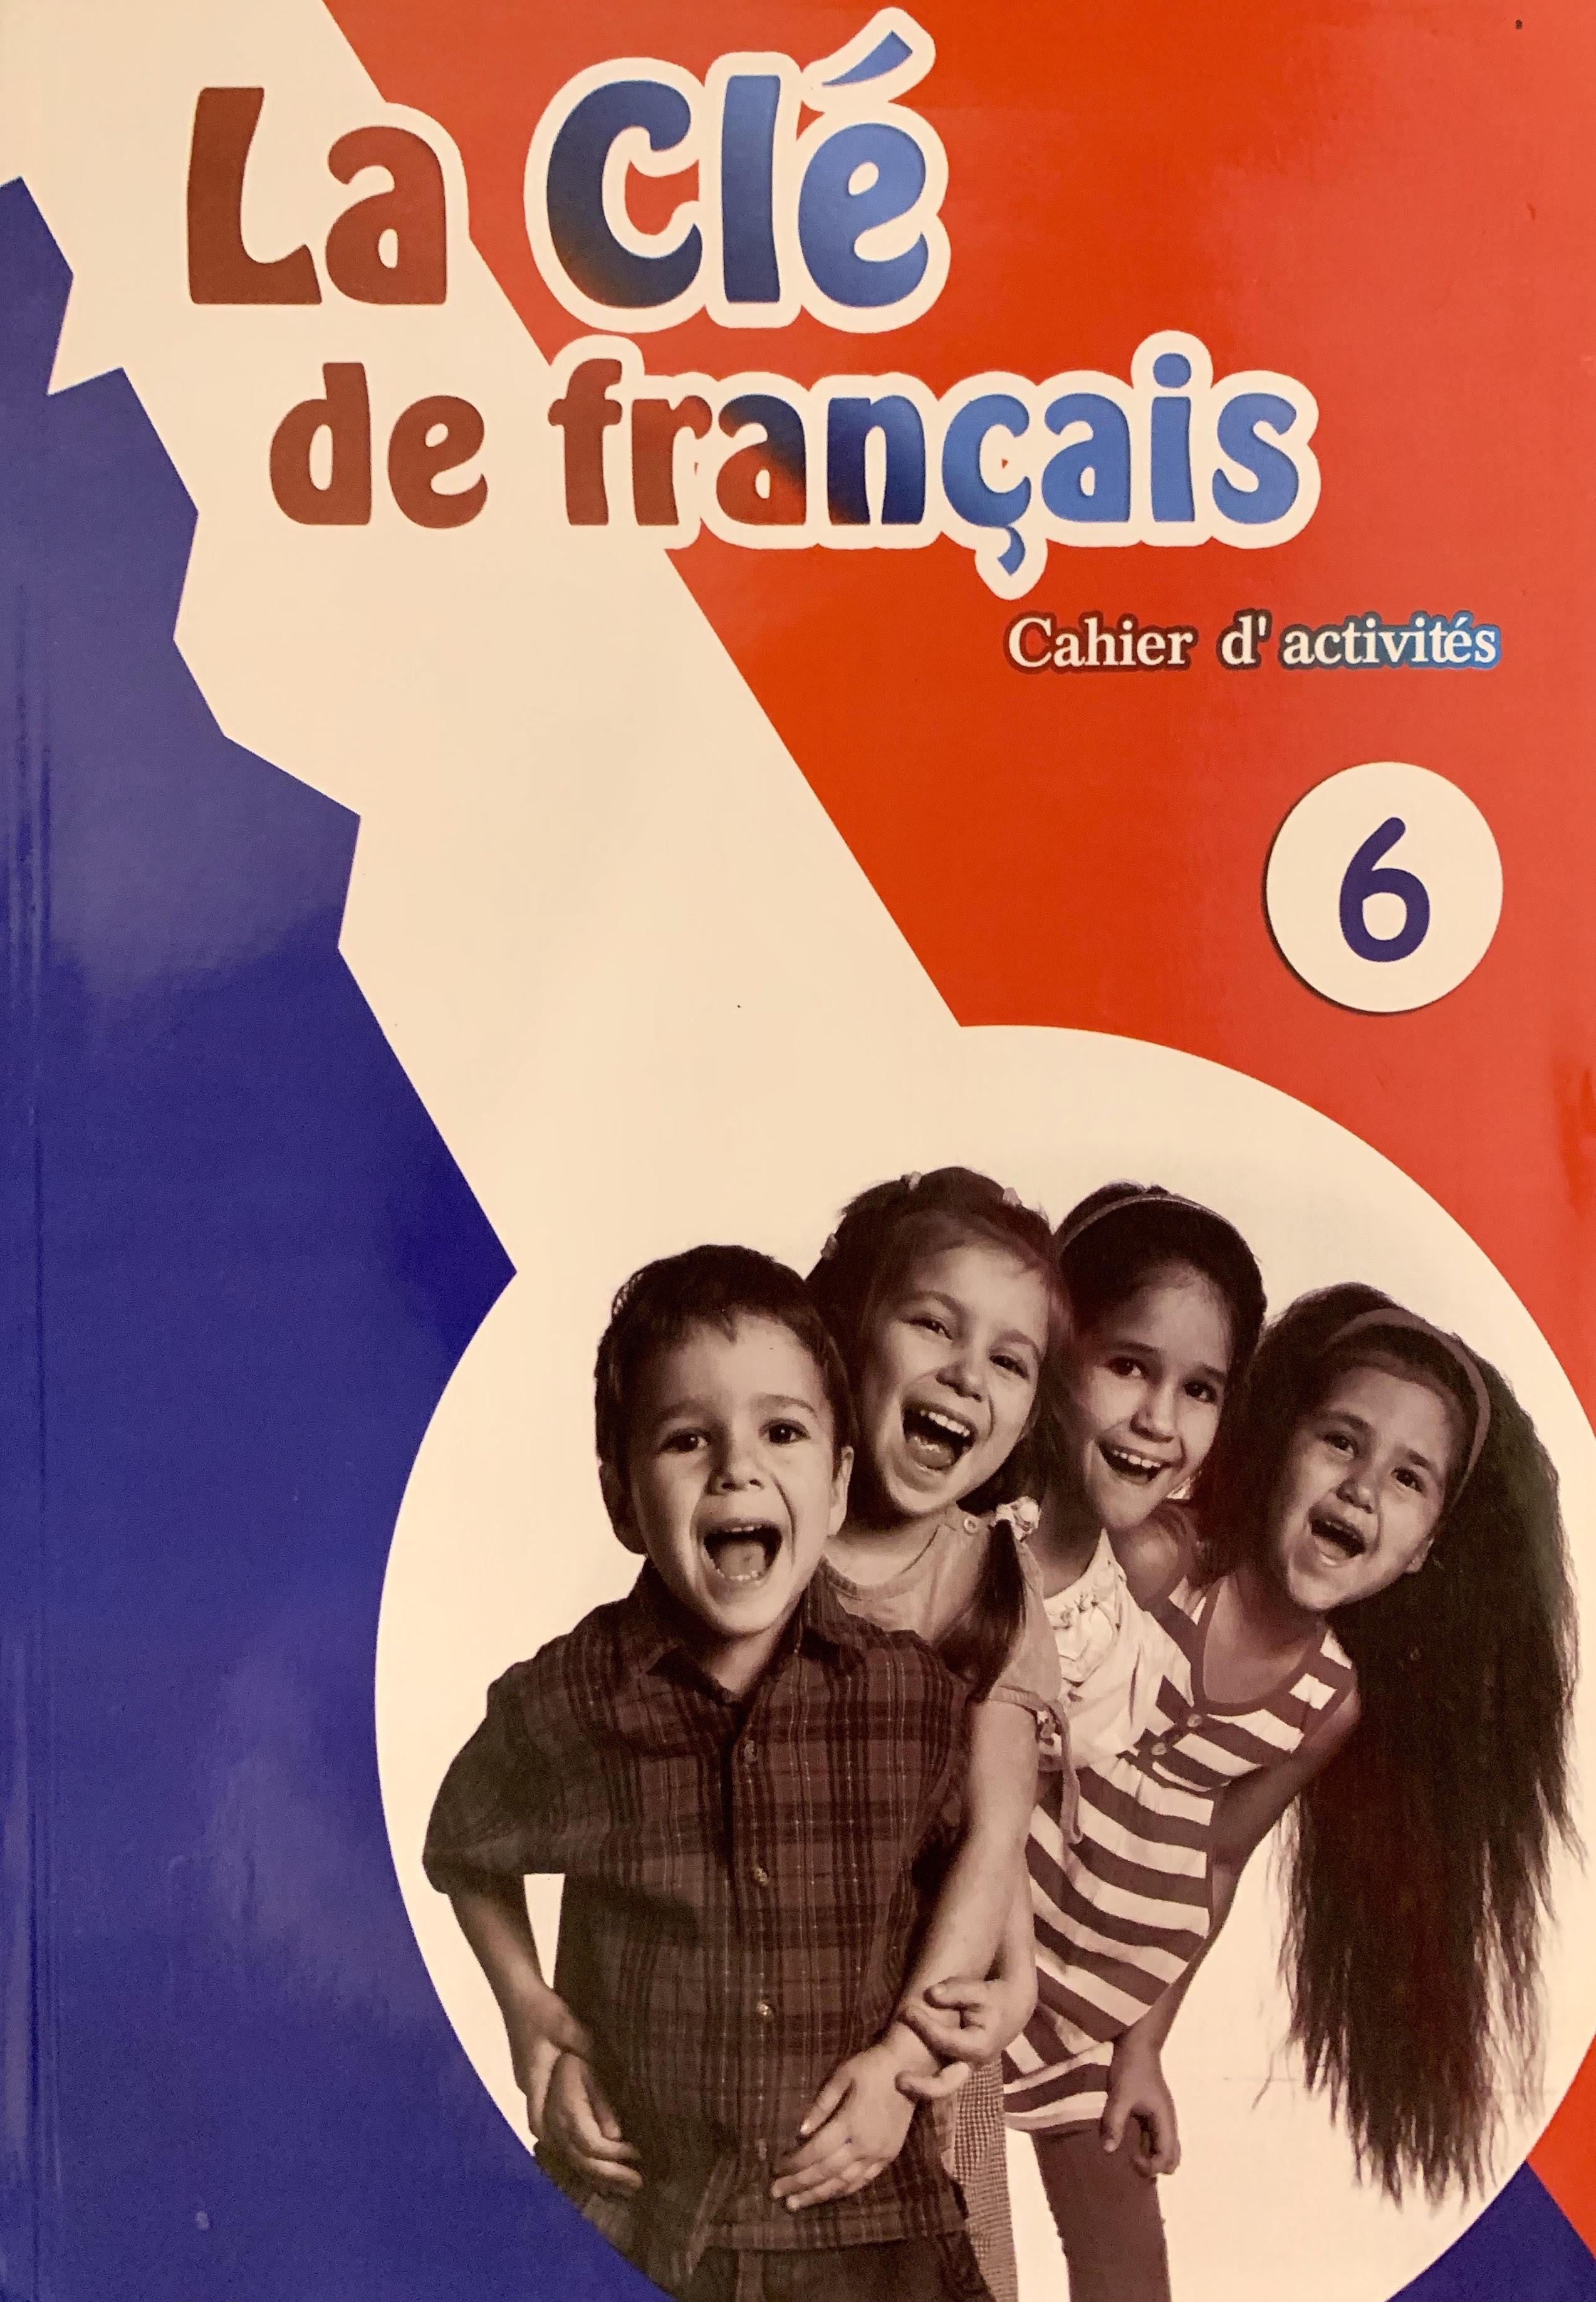 La Cle de Francais Activites 6